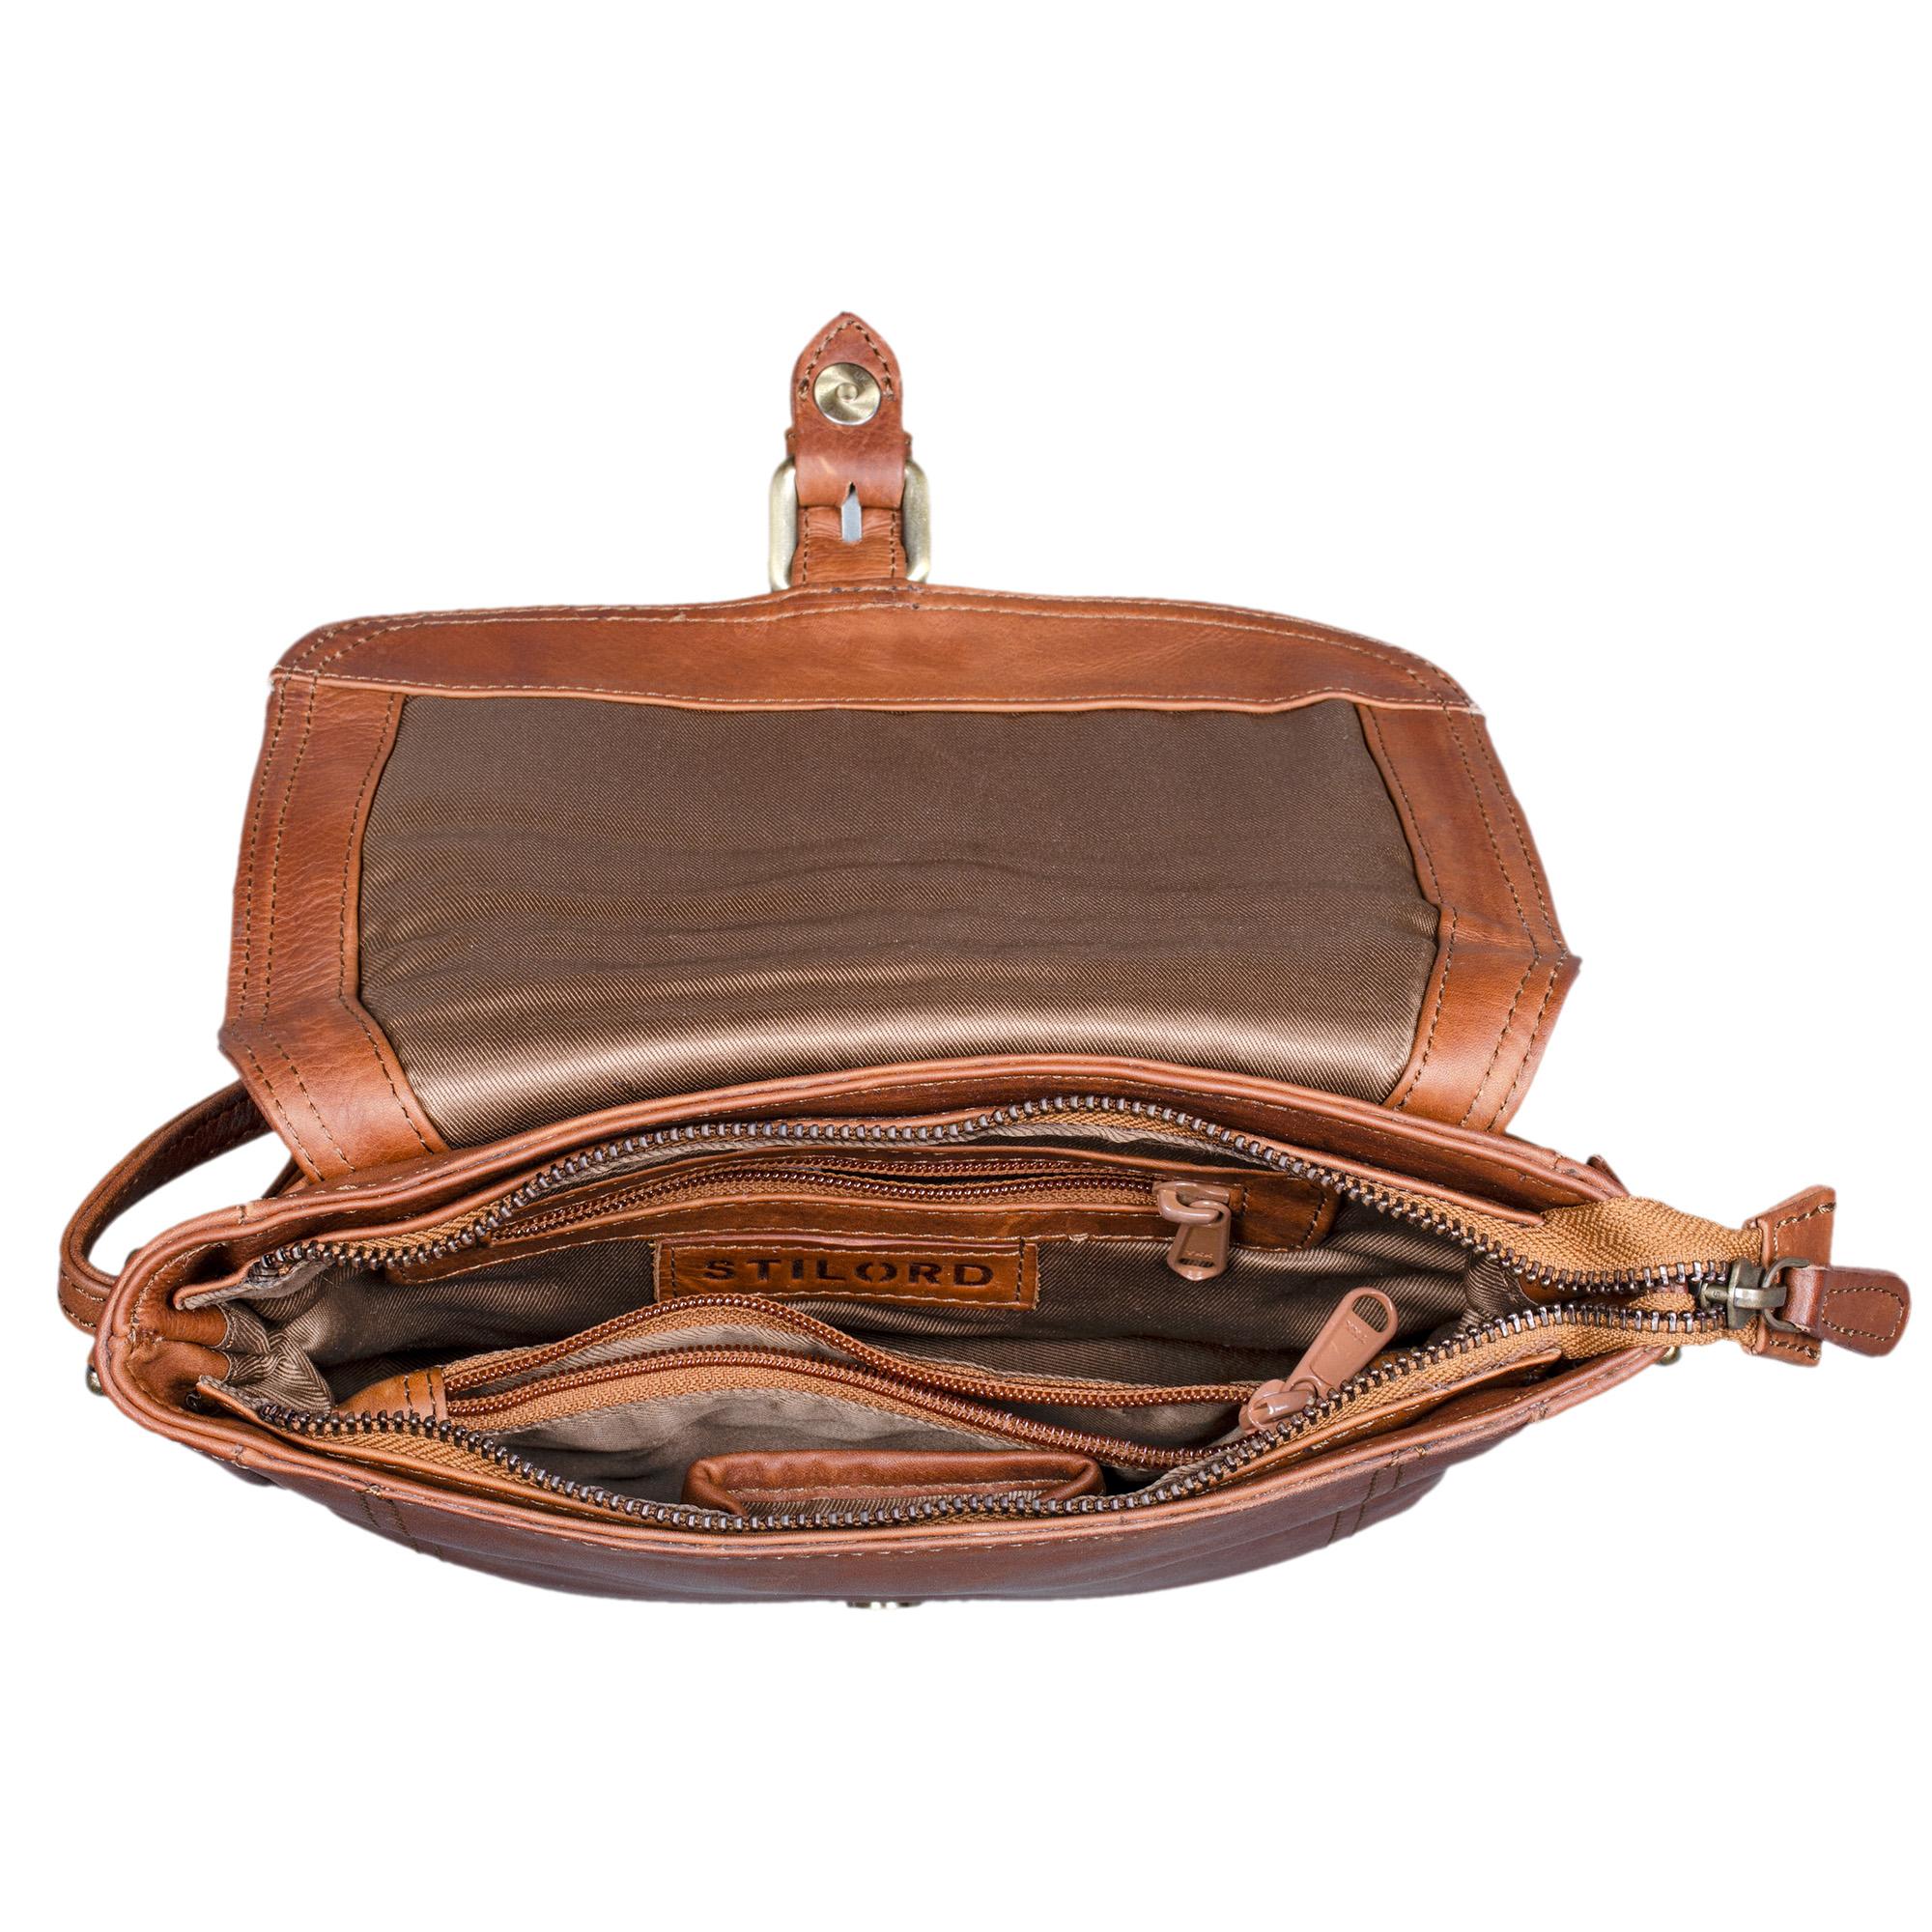 stilord zoe umh ngetasche damen leder handtasche frauen. Black Bedroom Furniture Sets. Home Design Ideas